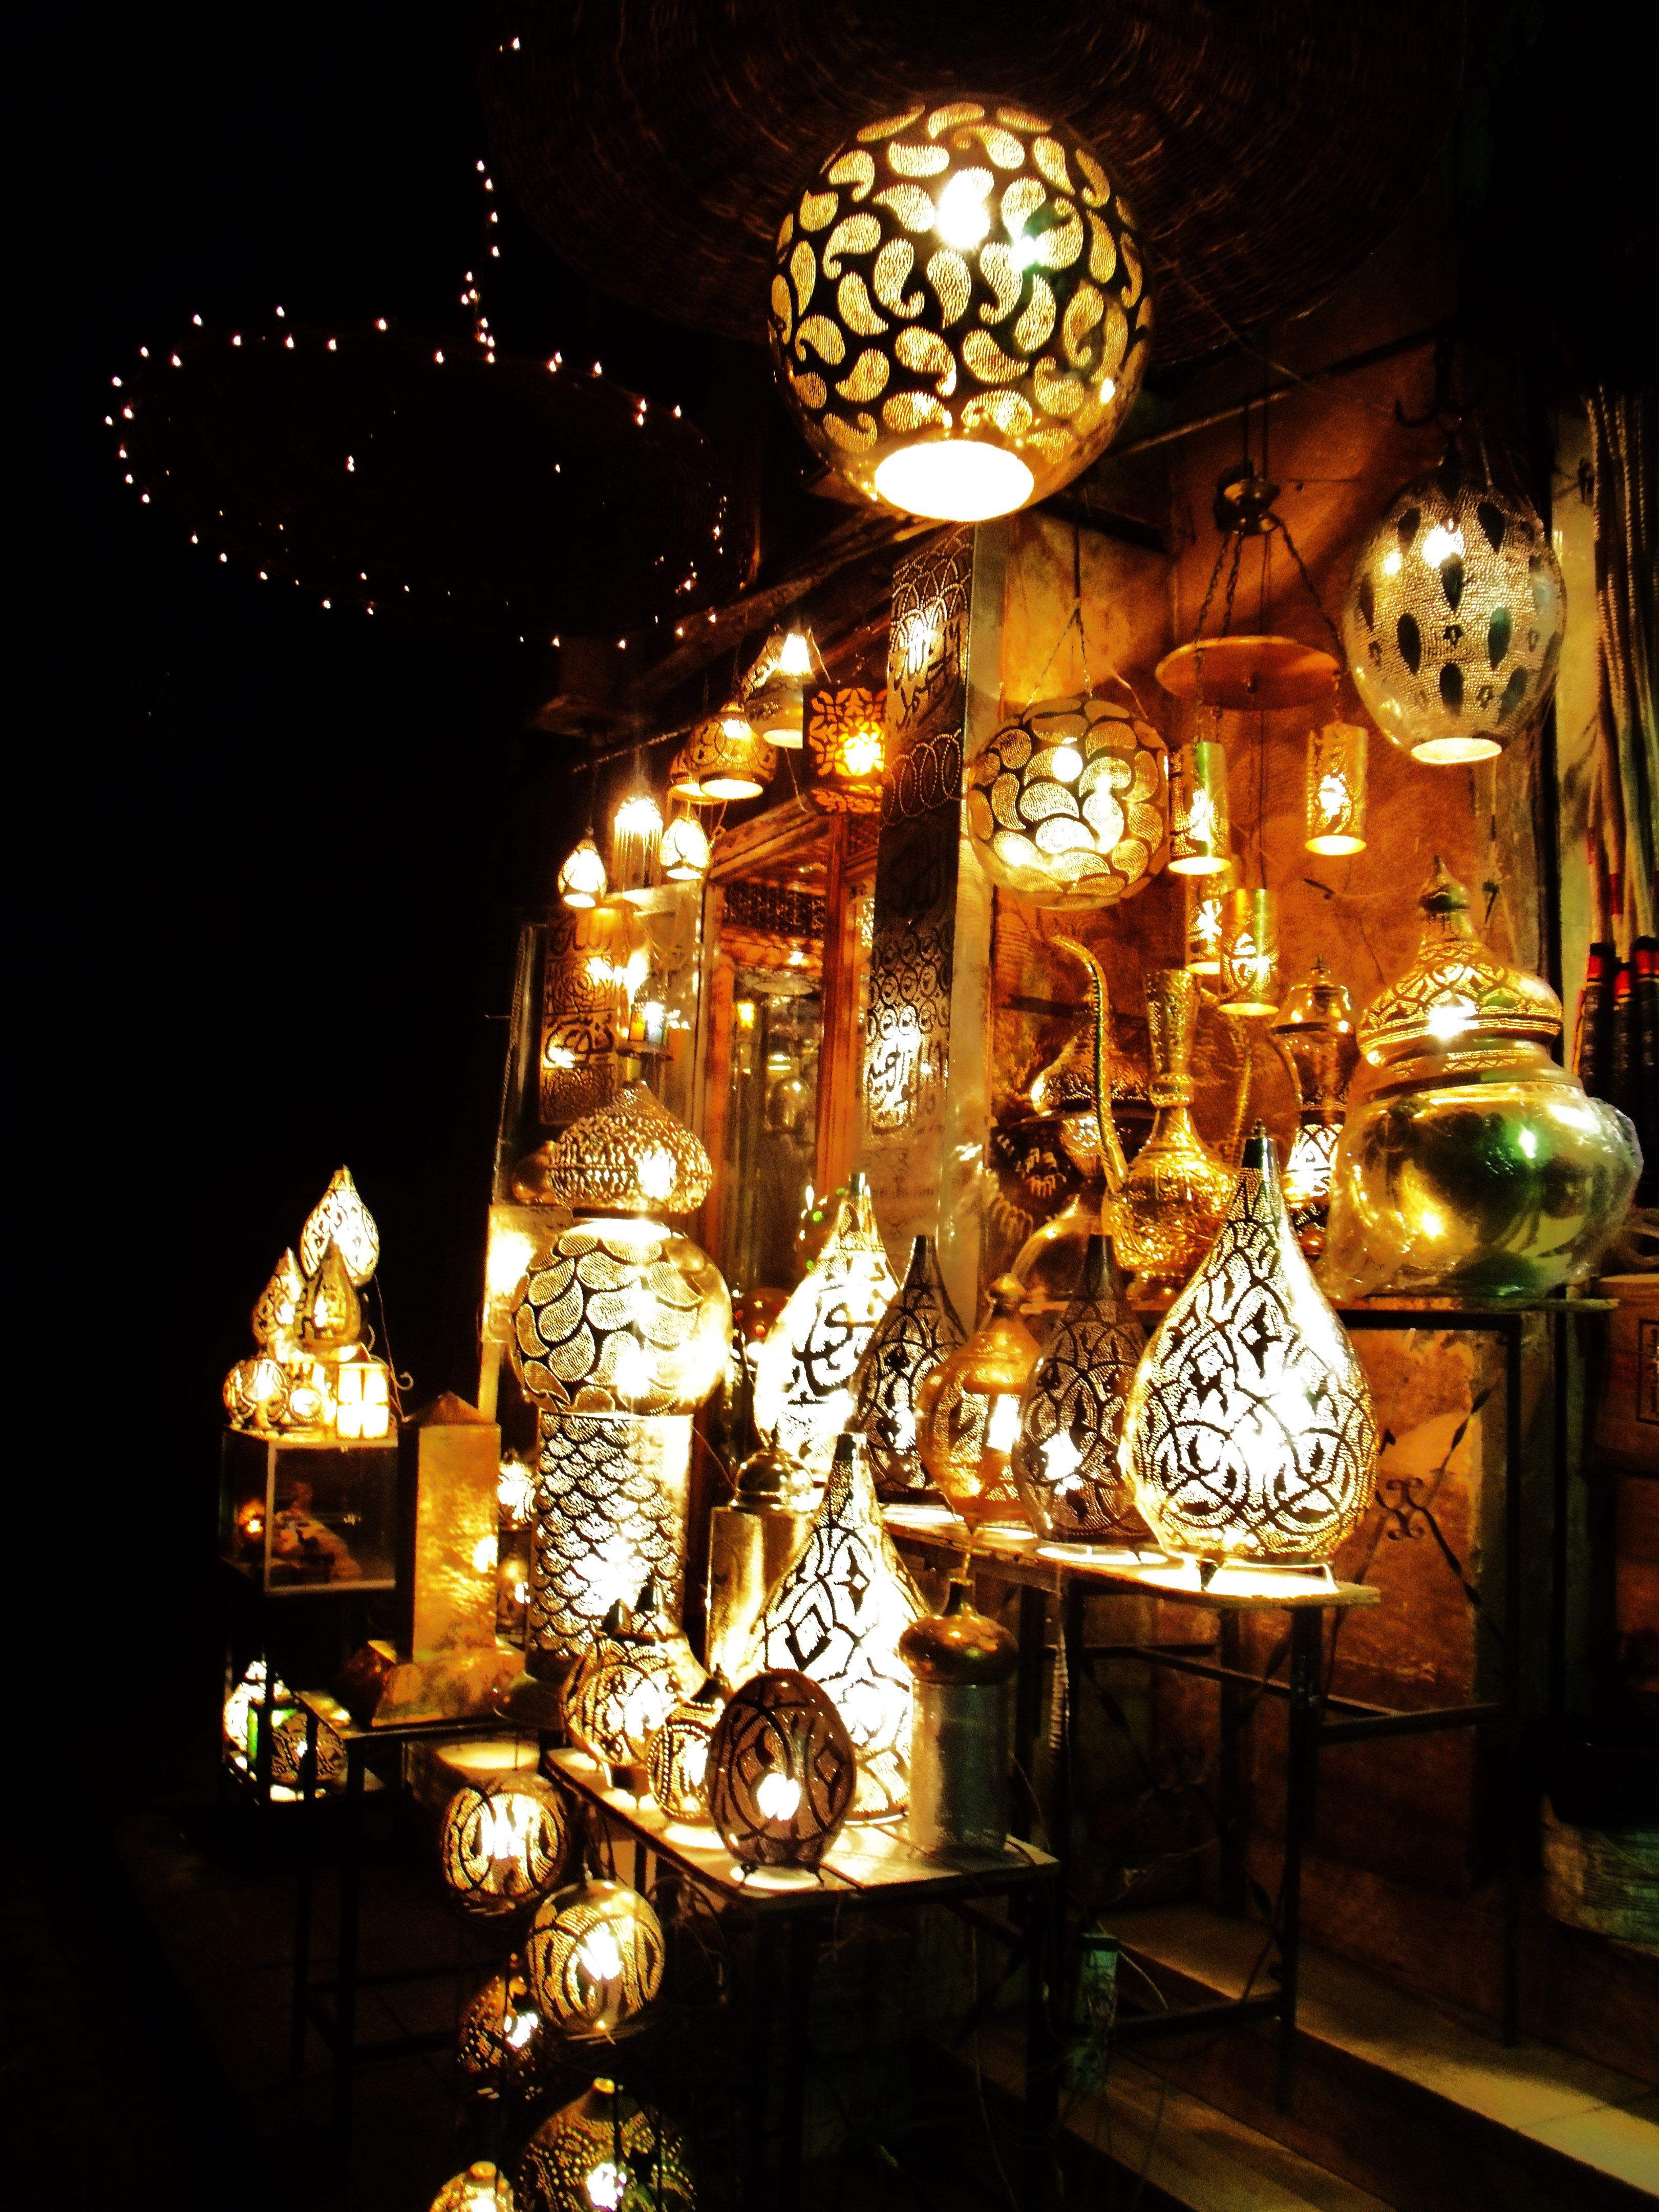 Egyptian Lanterns Khan El Khalili Cairo Arabicstyle Egypt Souk Oriental Egyptian Lamps Rama Egyptian Lantern Ramadan Lantern Egypt Decorations